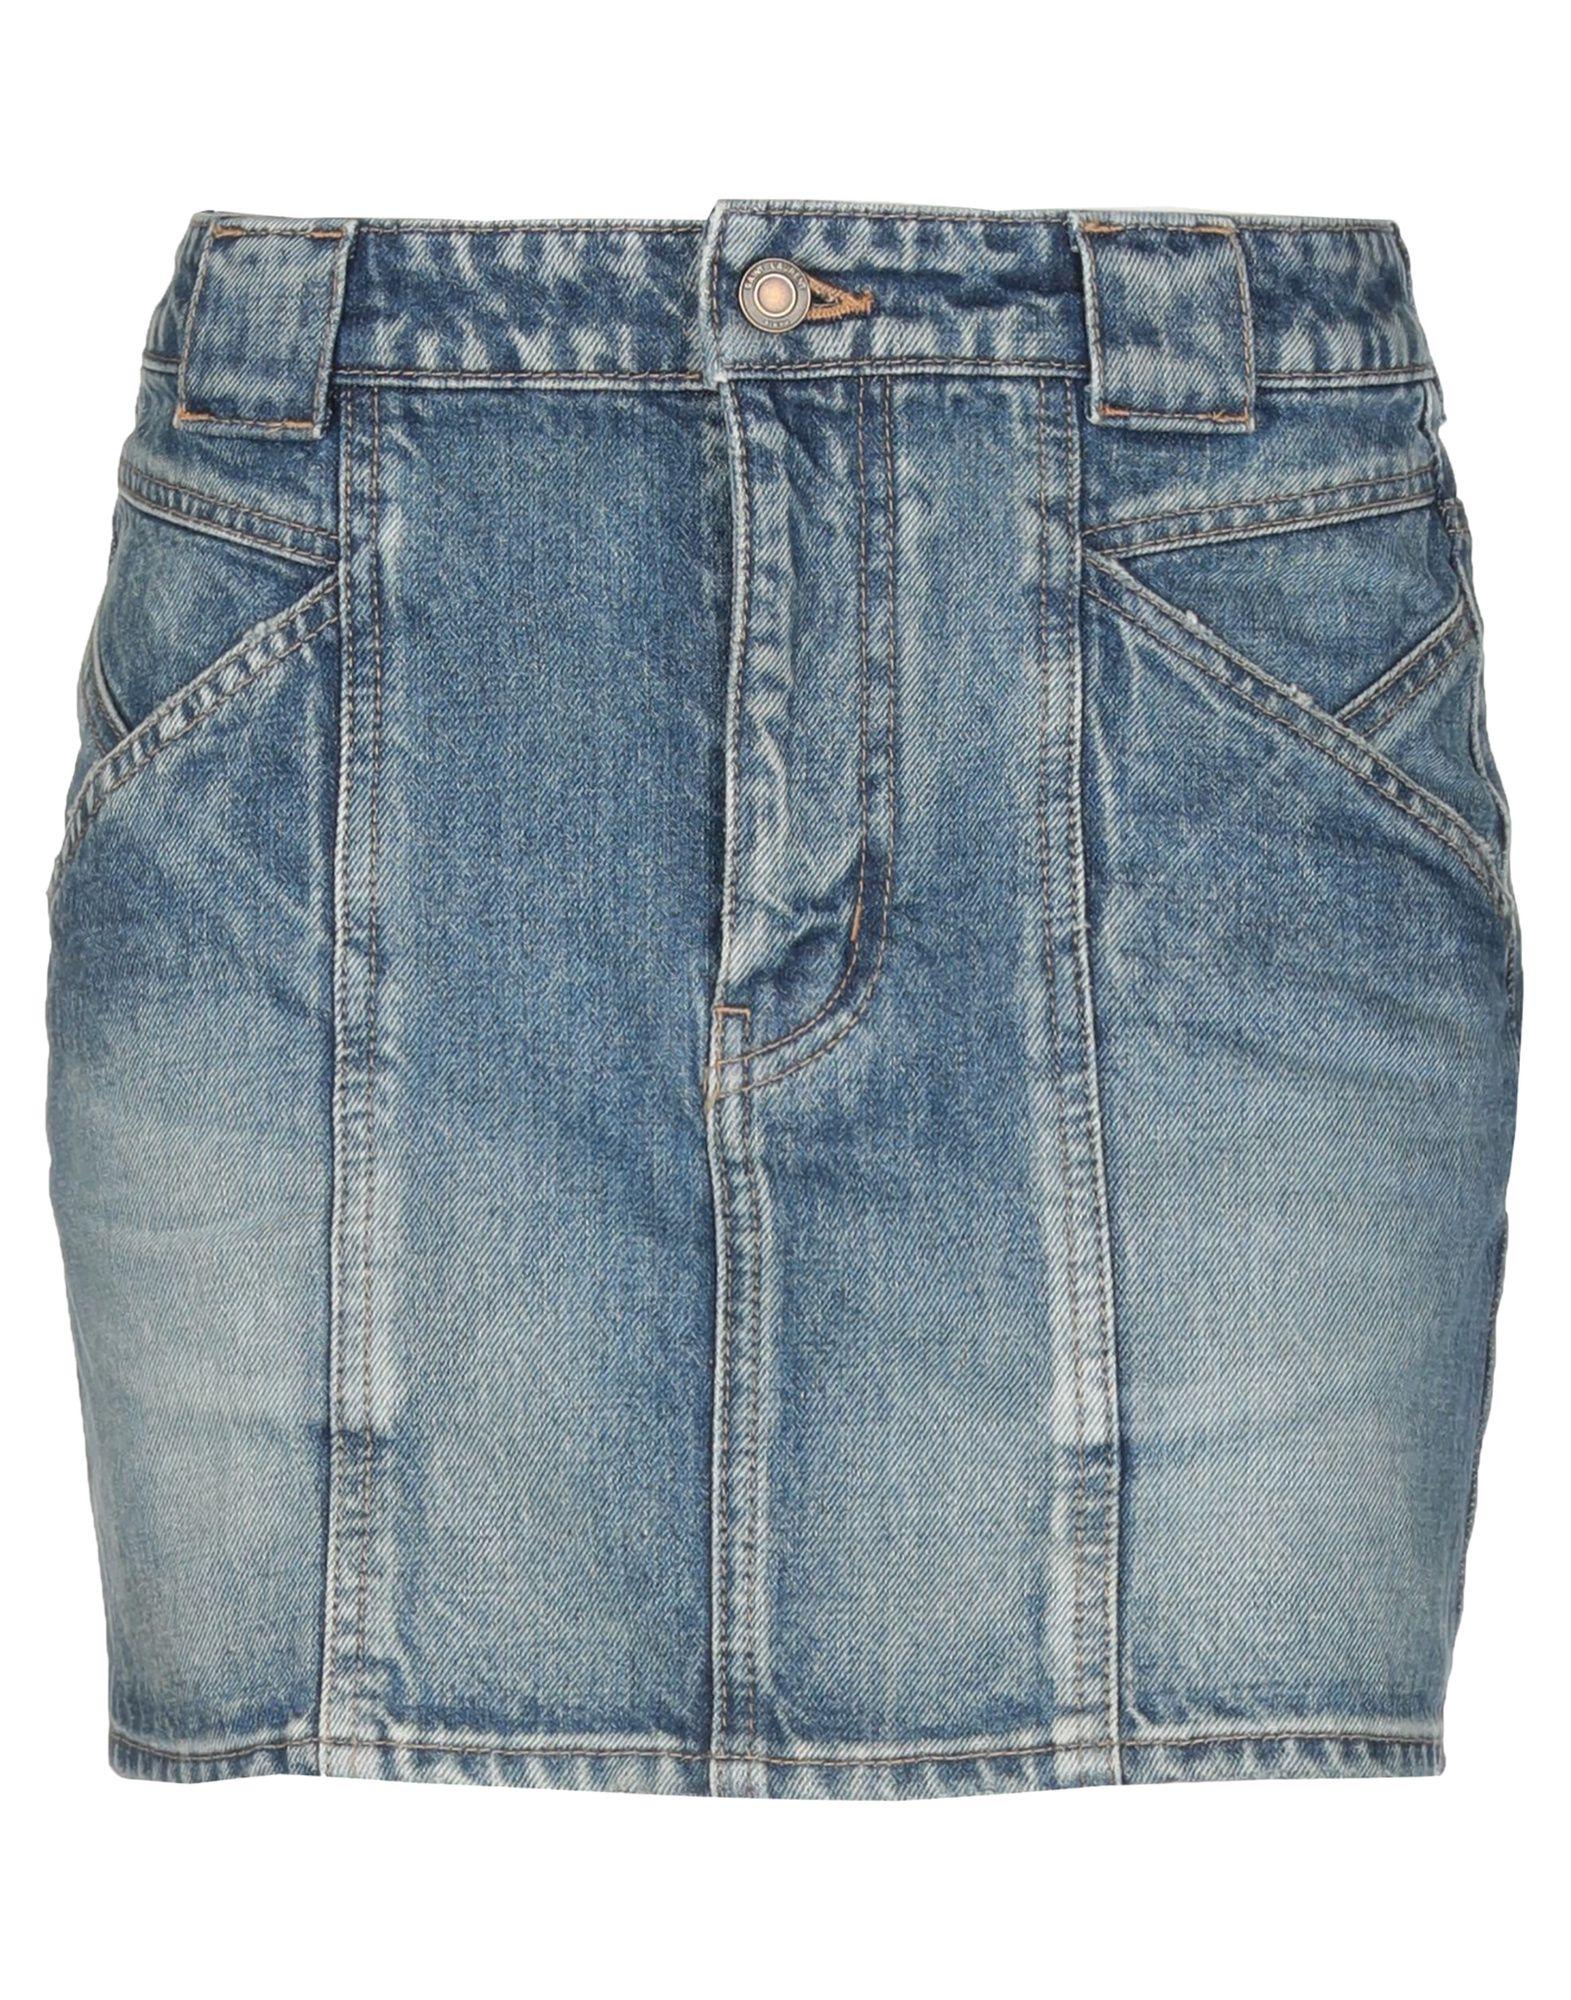 《送料無料》SAINT LAURENT レディース デニムスカート ブルー 25 コットン 100%